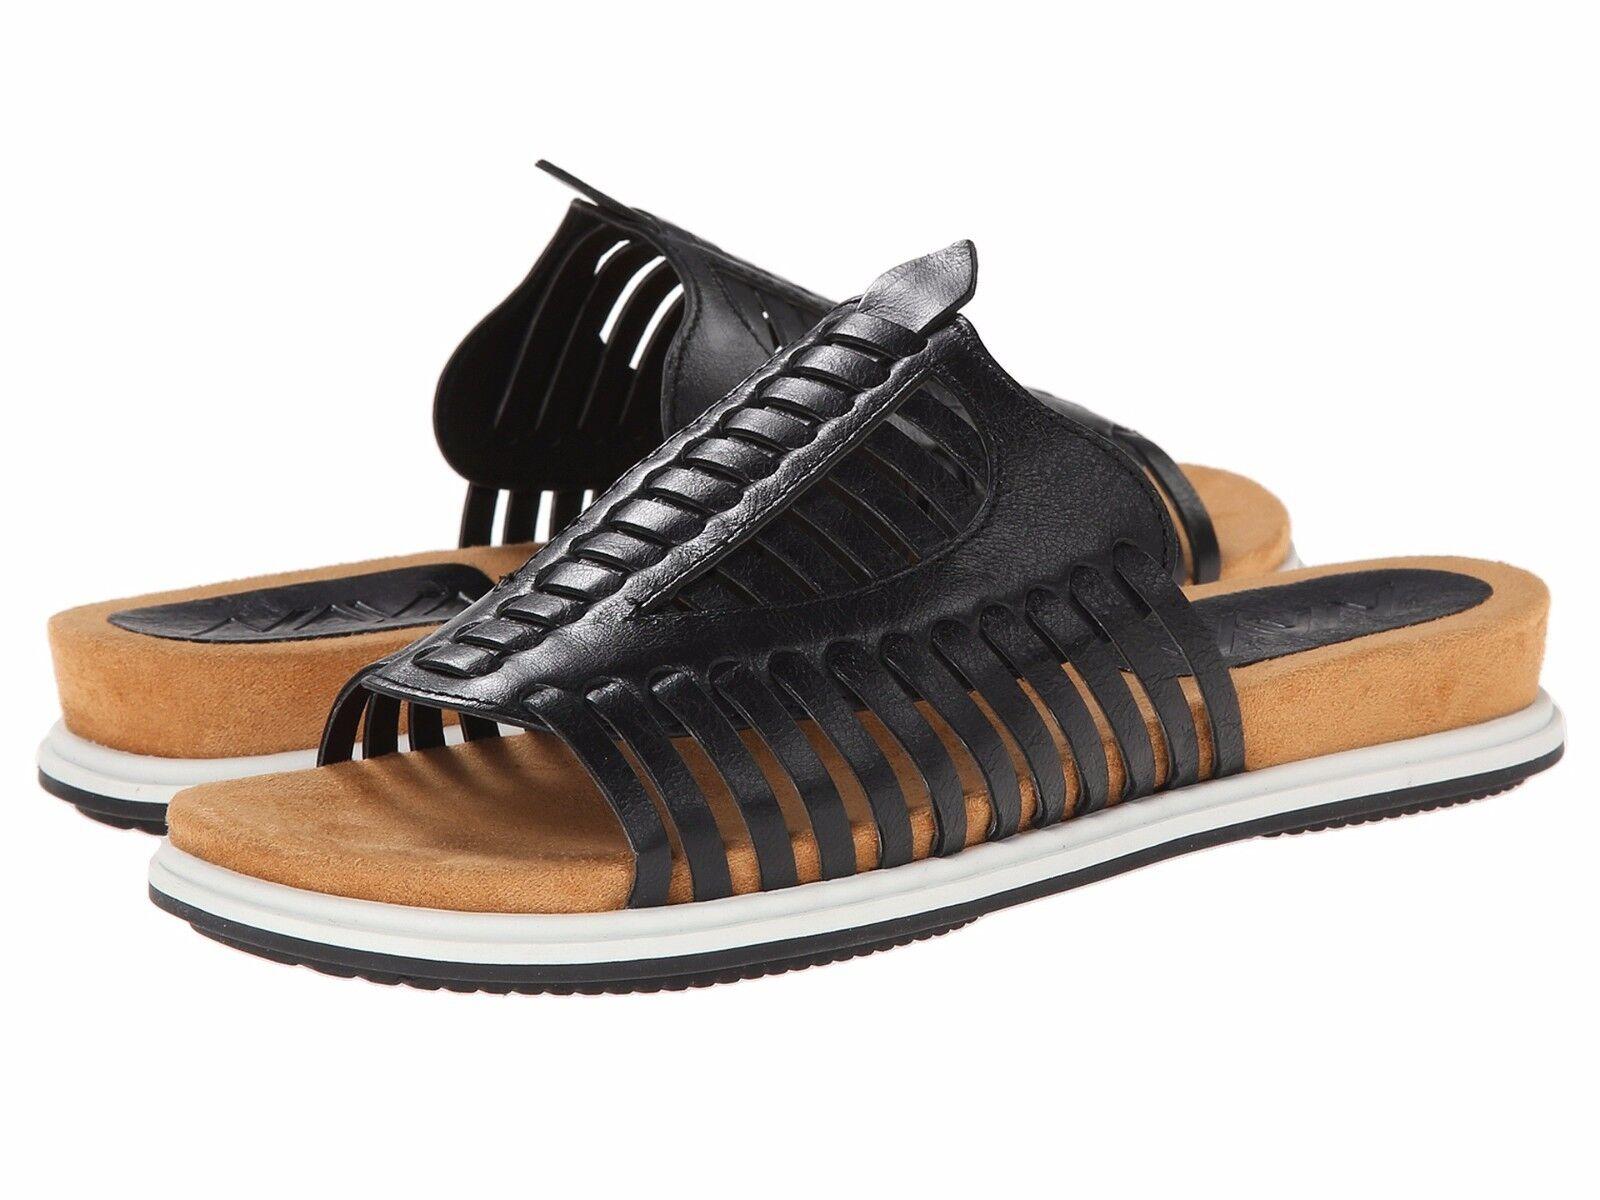 New Naya Kicker  noir femmes chaussures Taille  8.5